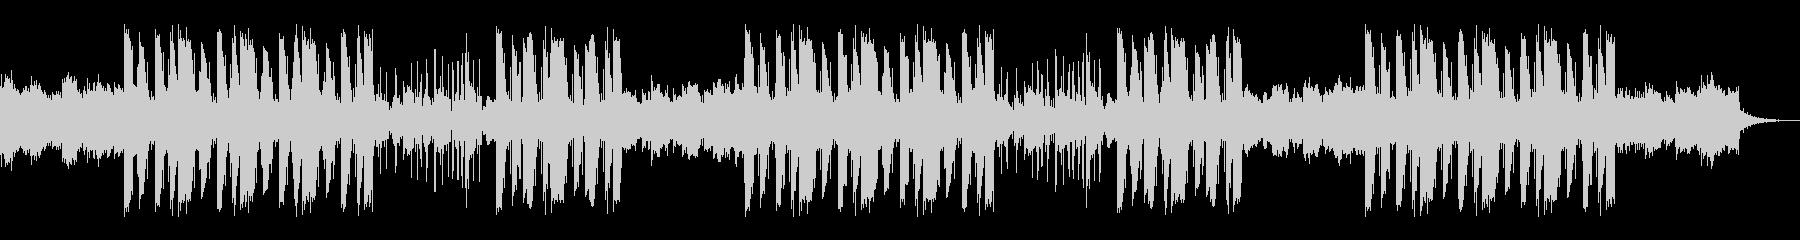 ギターのアルペジオが印象的なトラップの未再生の波形